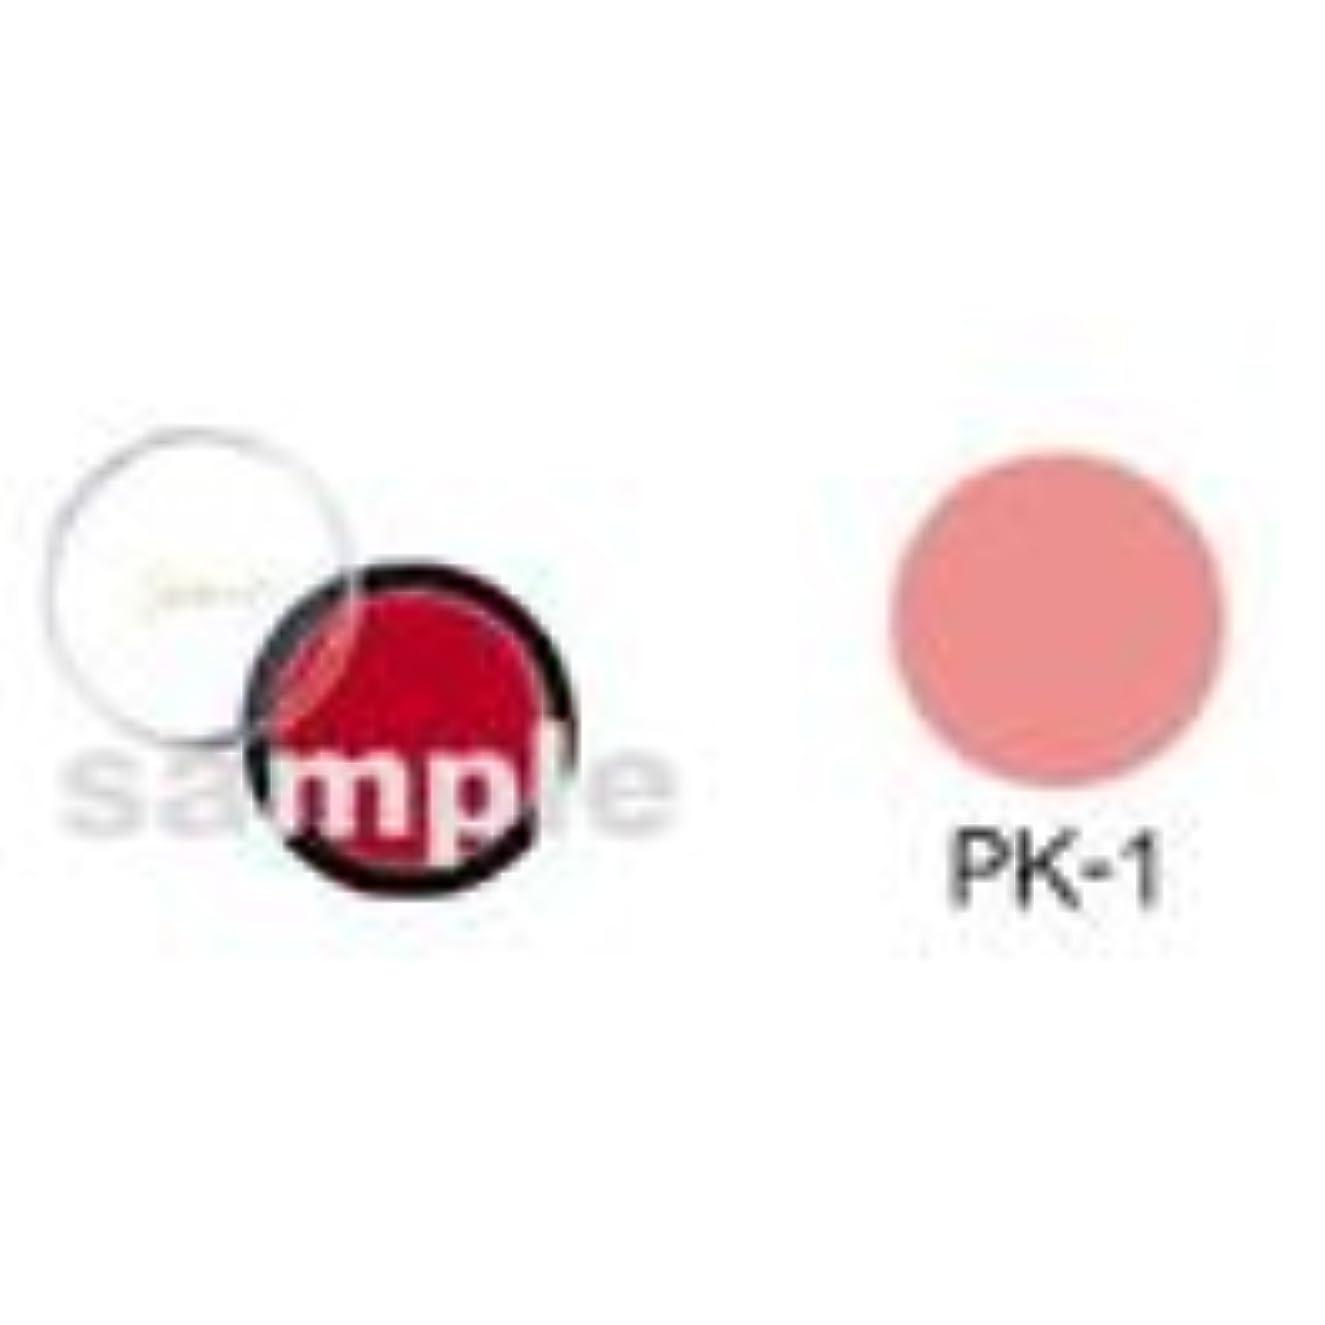 クレーター乳製品とは異なりシャレナ カラーリップ PK-1